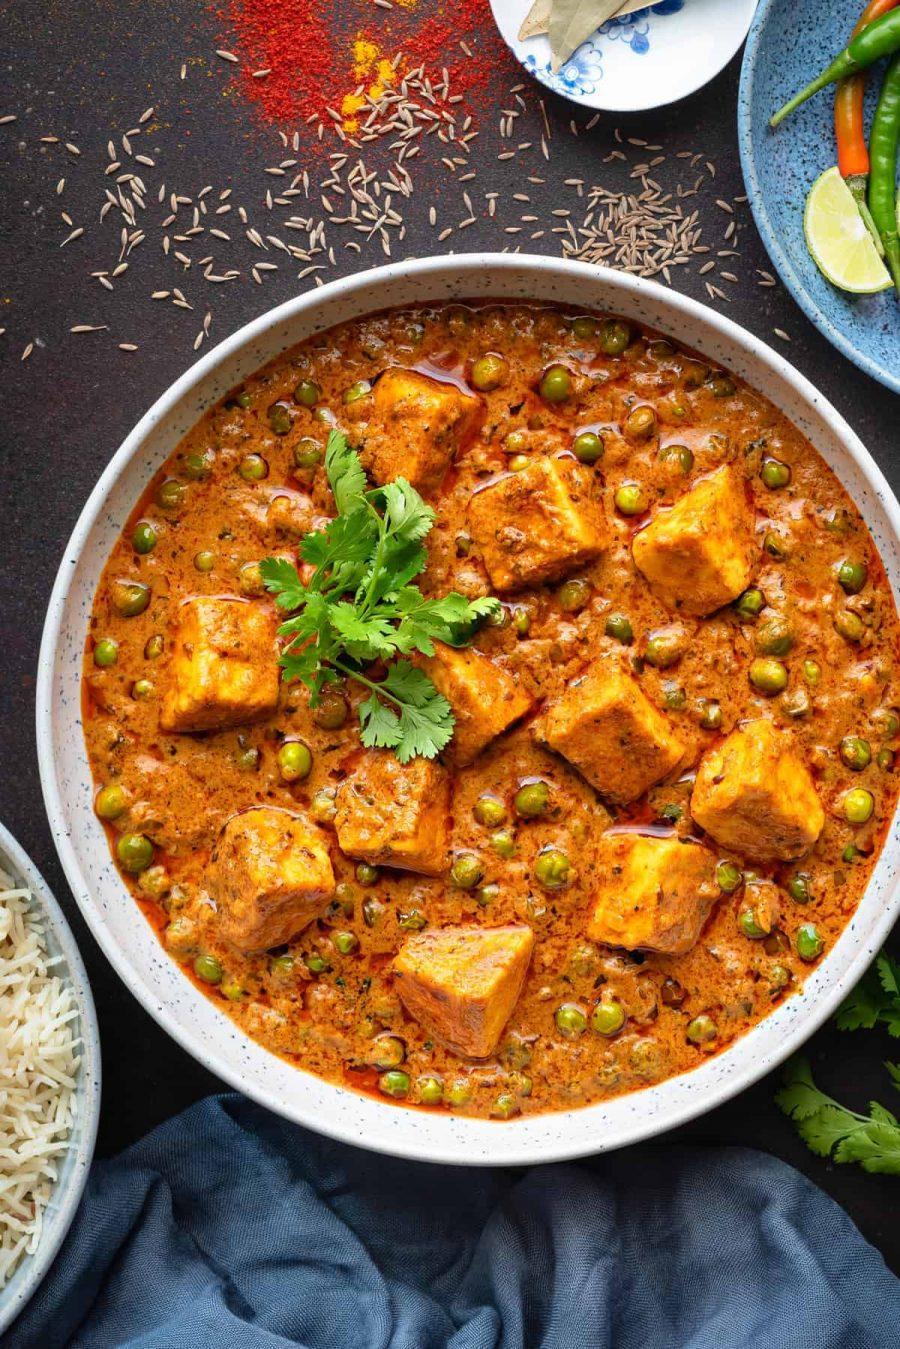 Halal Vegetarian Food – Ziyka Restaurant